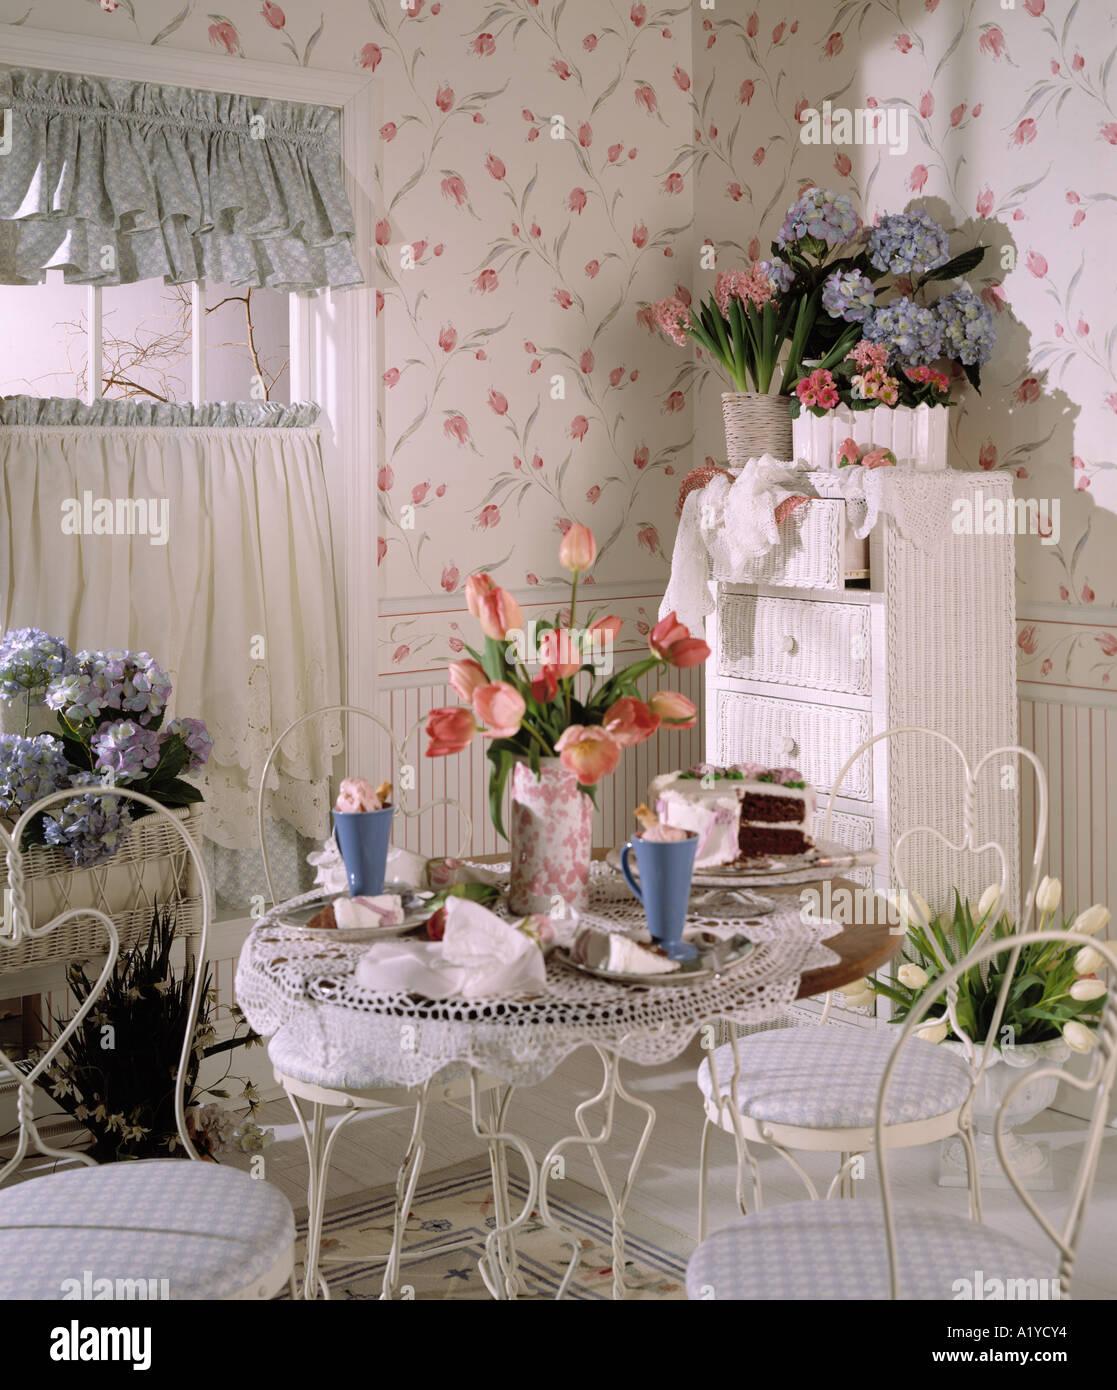 helle, luftige Küche Essbereich gebogen Draht Stühle Tisch ...